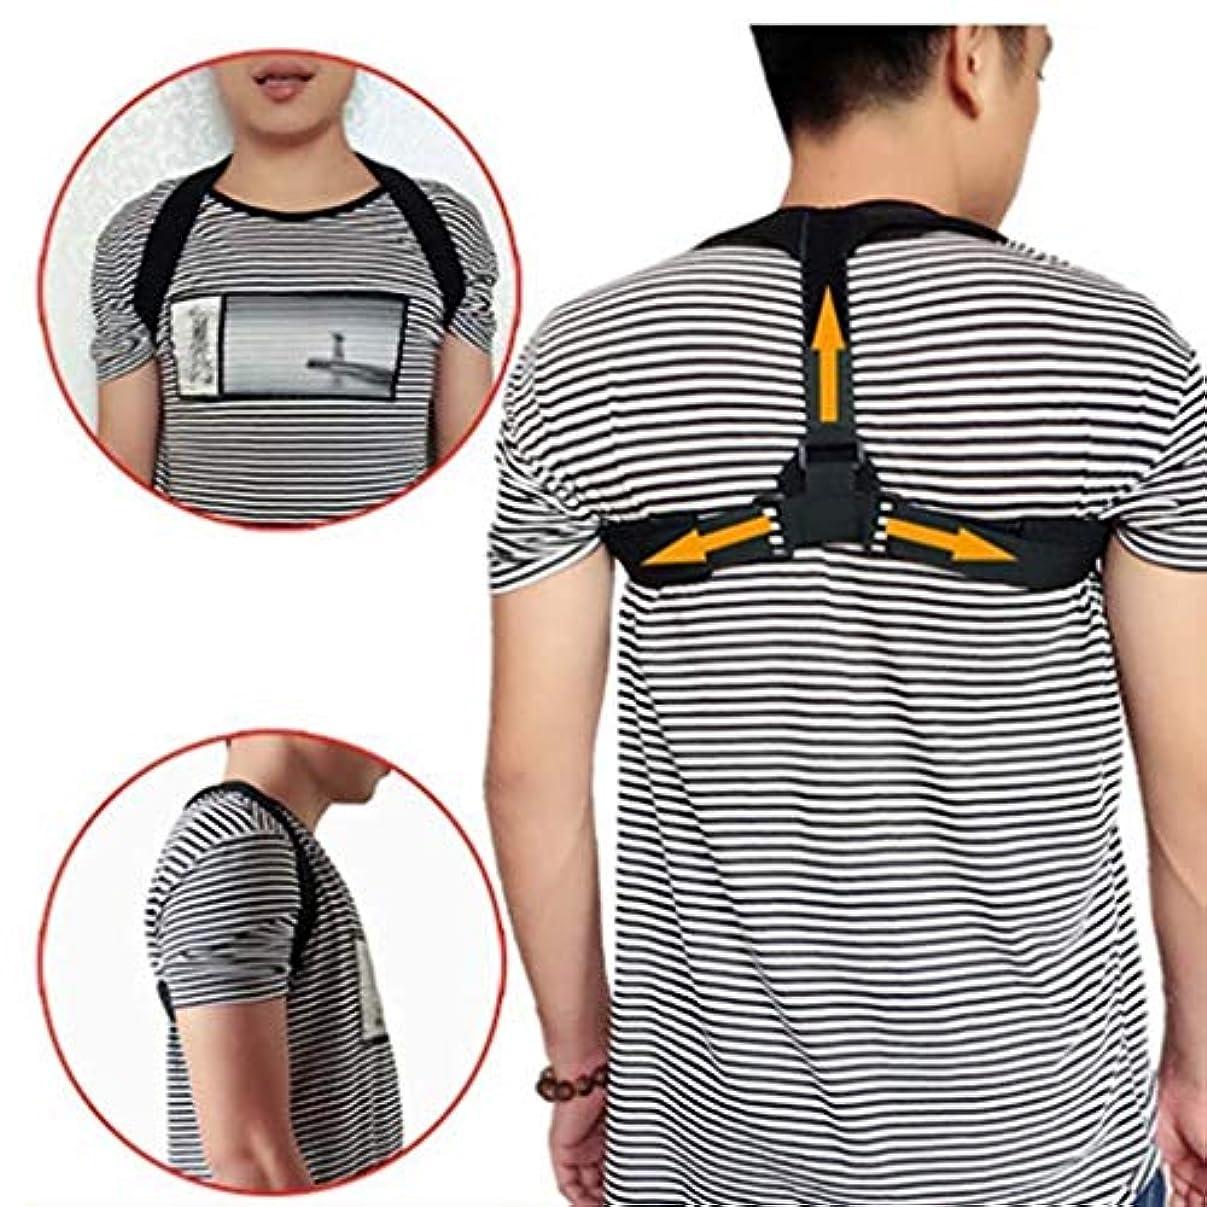 補う同意する思慮深い背中矯正ベルト、背中の姿勢ブレース、背中の曲がりの防止、筋肉の弛緩、姿勢の改善、ユニセックス